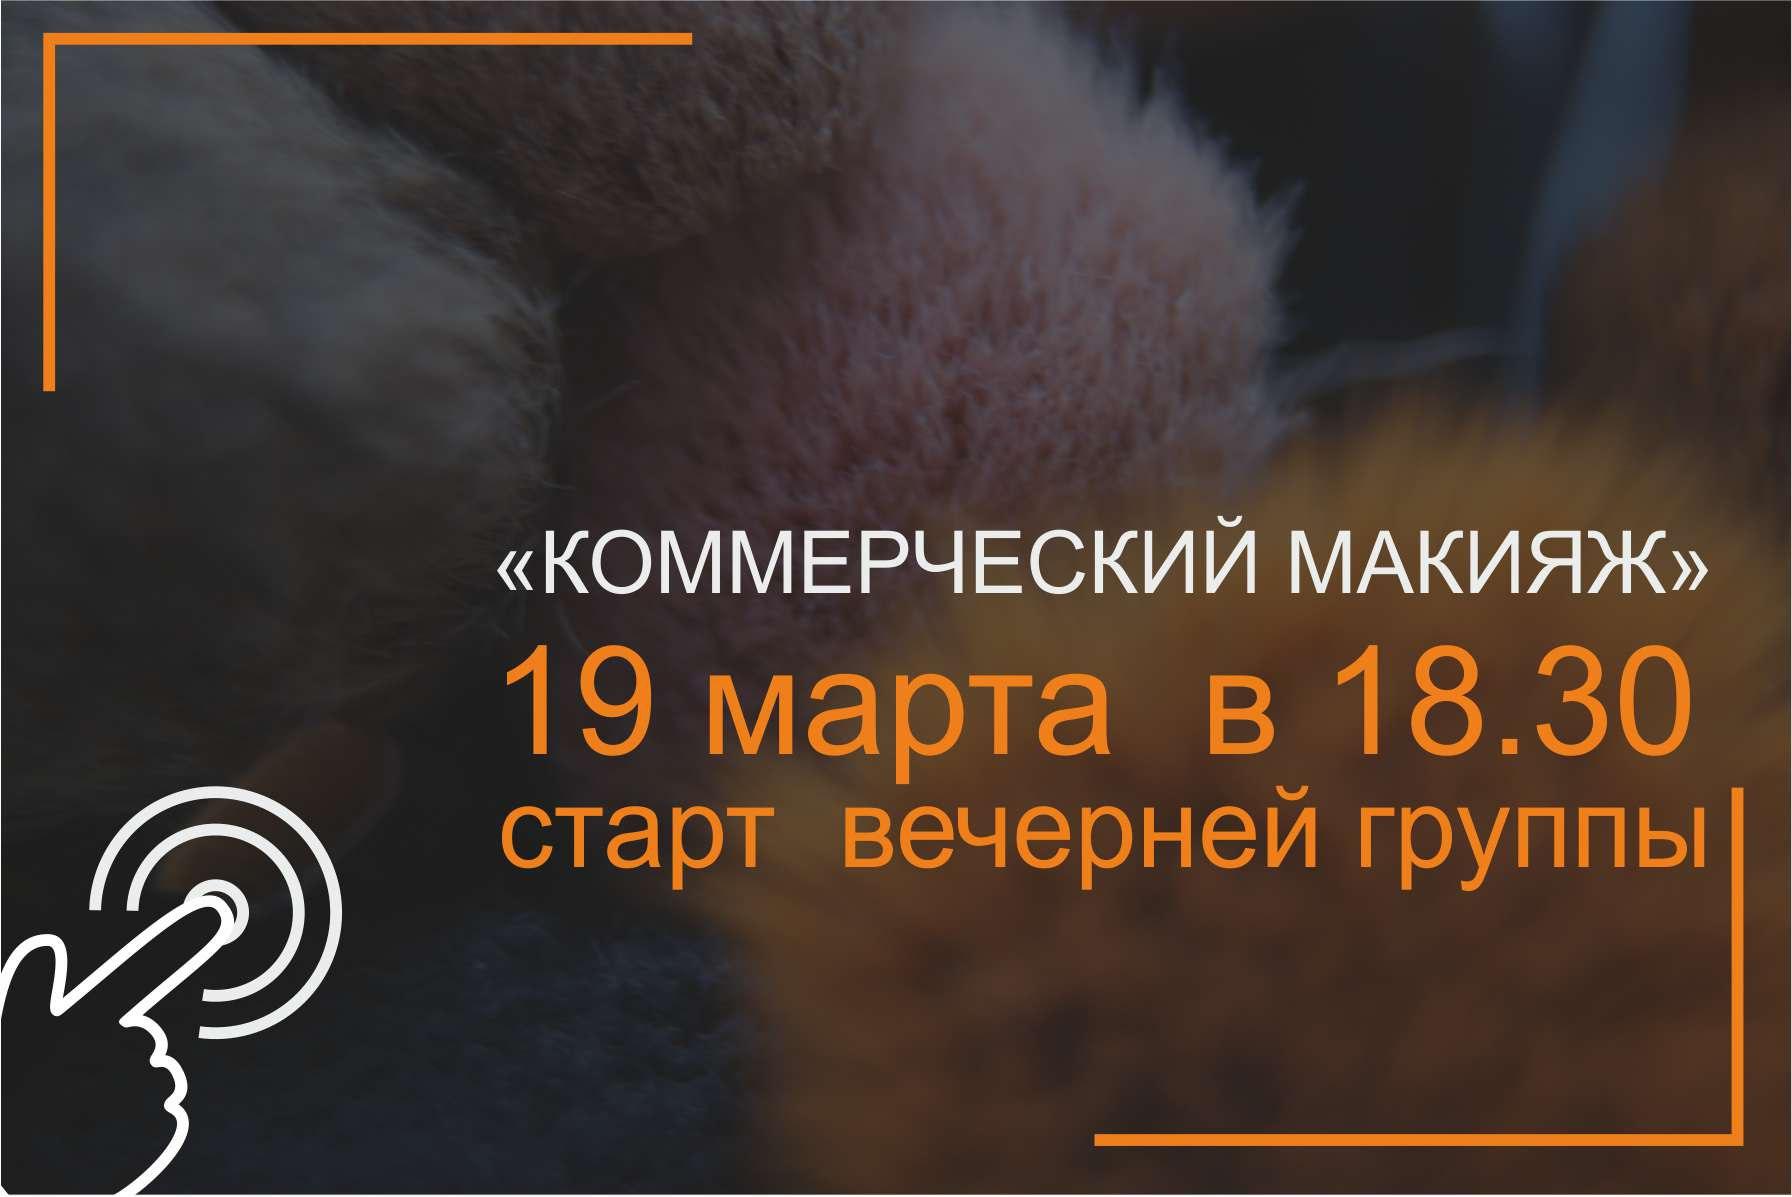 33xdfcghv